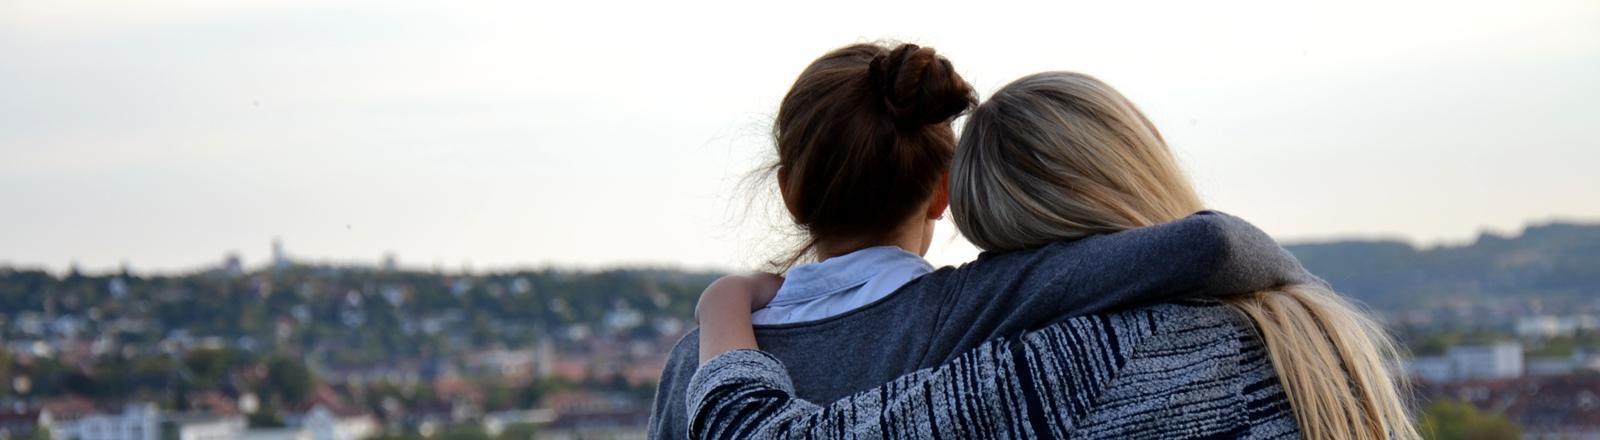 Zwei Jugendliche liégen sich in den Armen und schauen sehnsuchtsvoll auf eine Stadt.